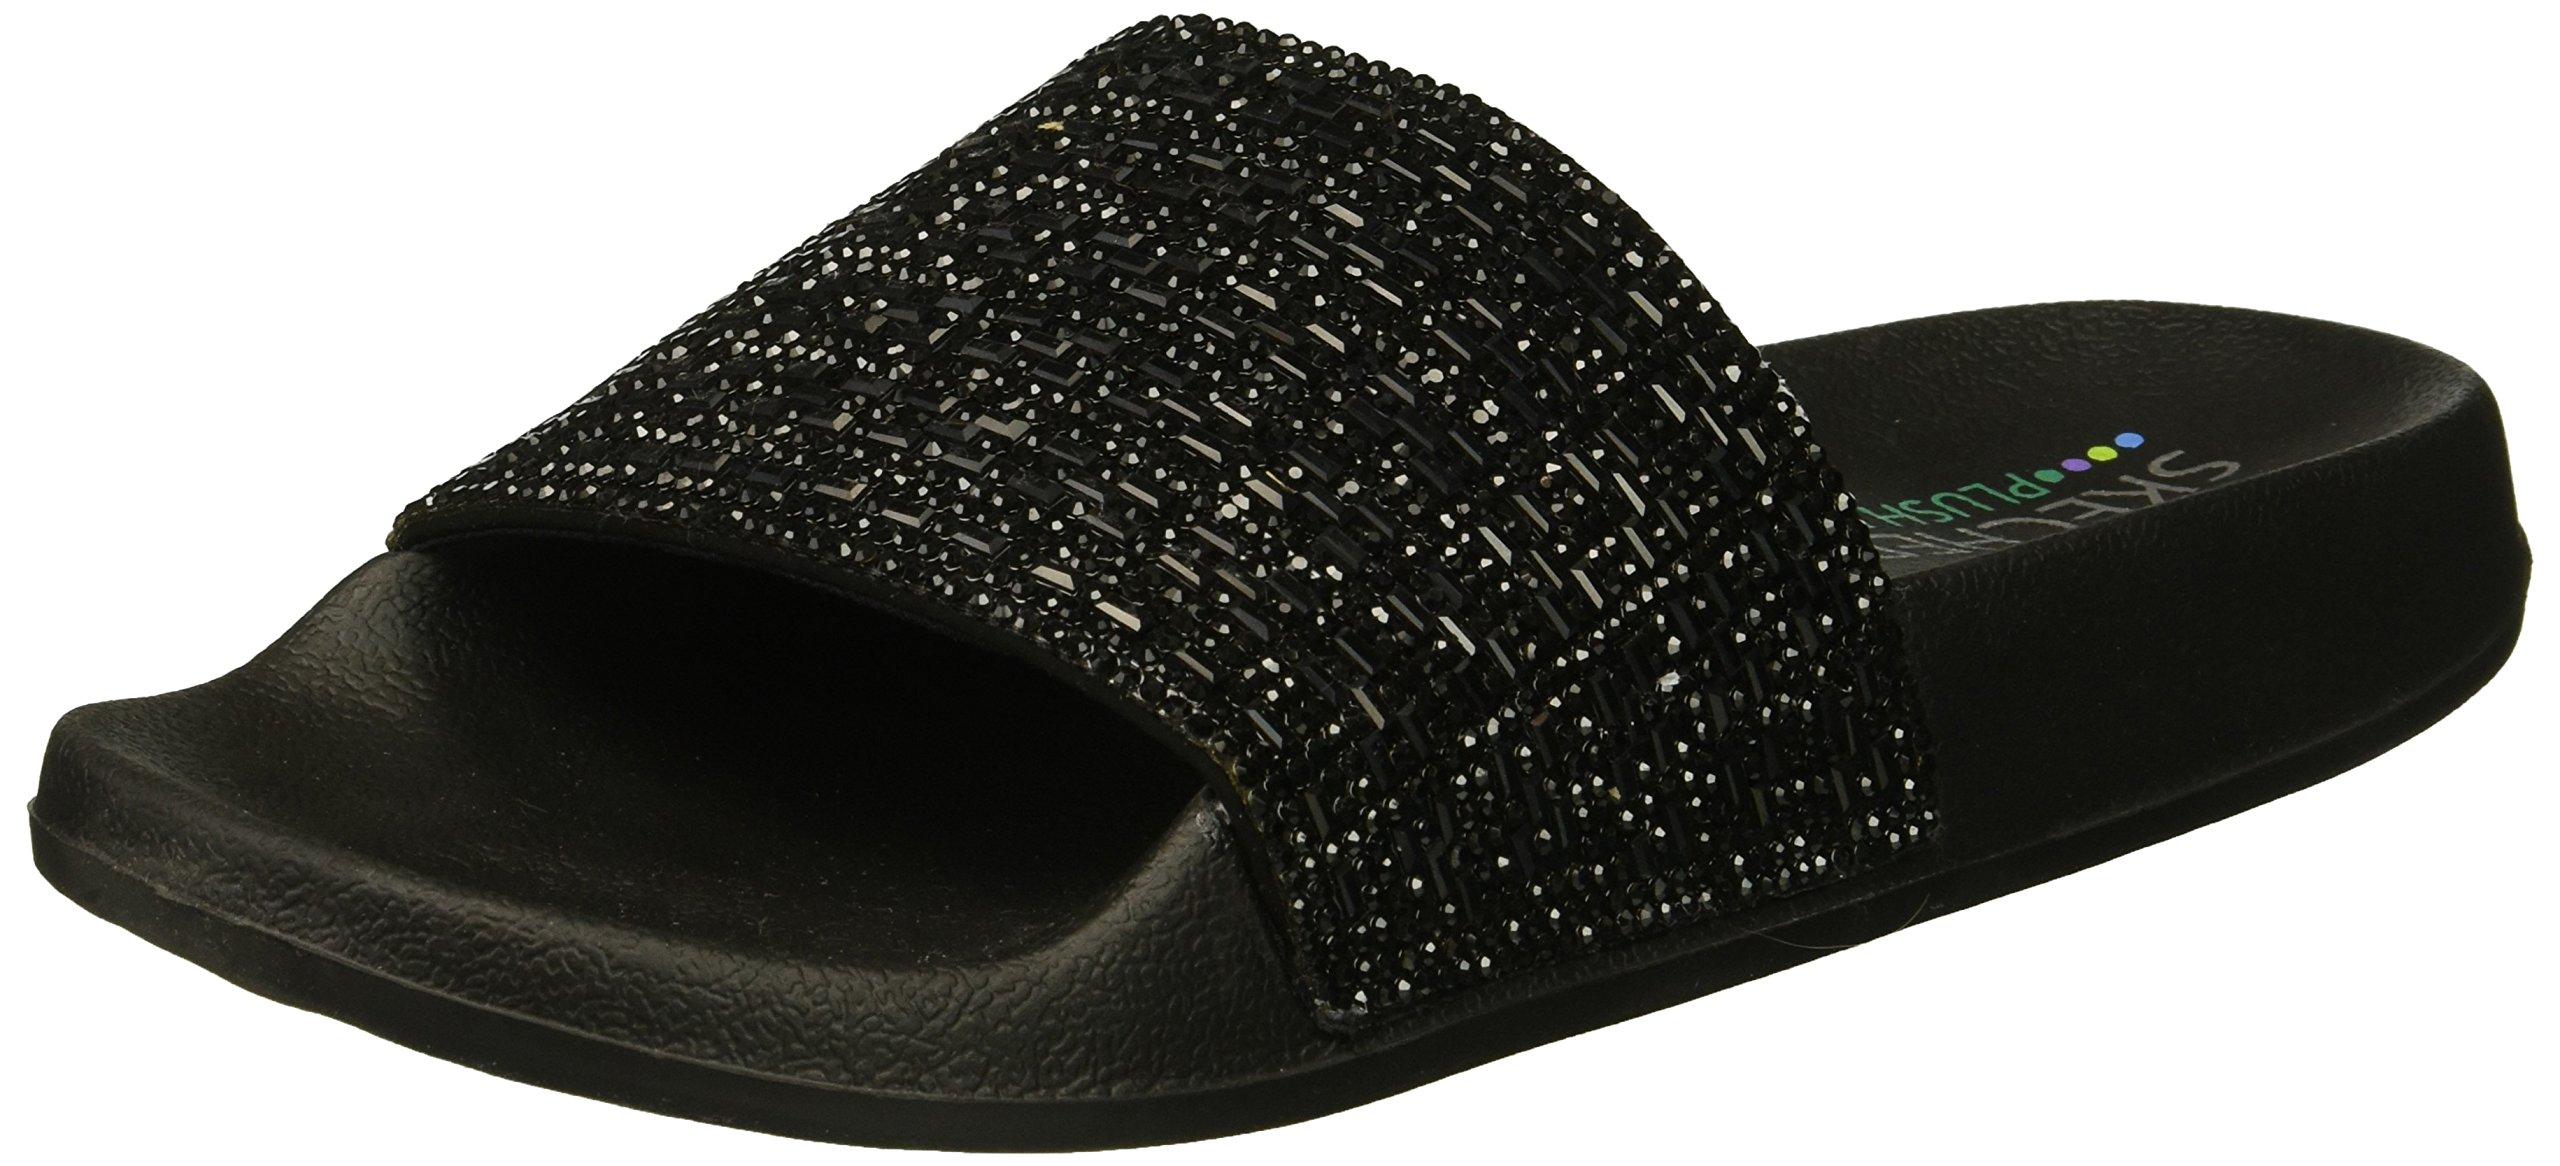 Skechers Women's Pops up-Summer Rush-Rhinestone Shower Slide Sandal, Black/Black, 7 M US